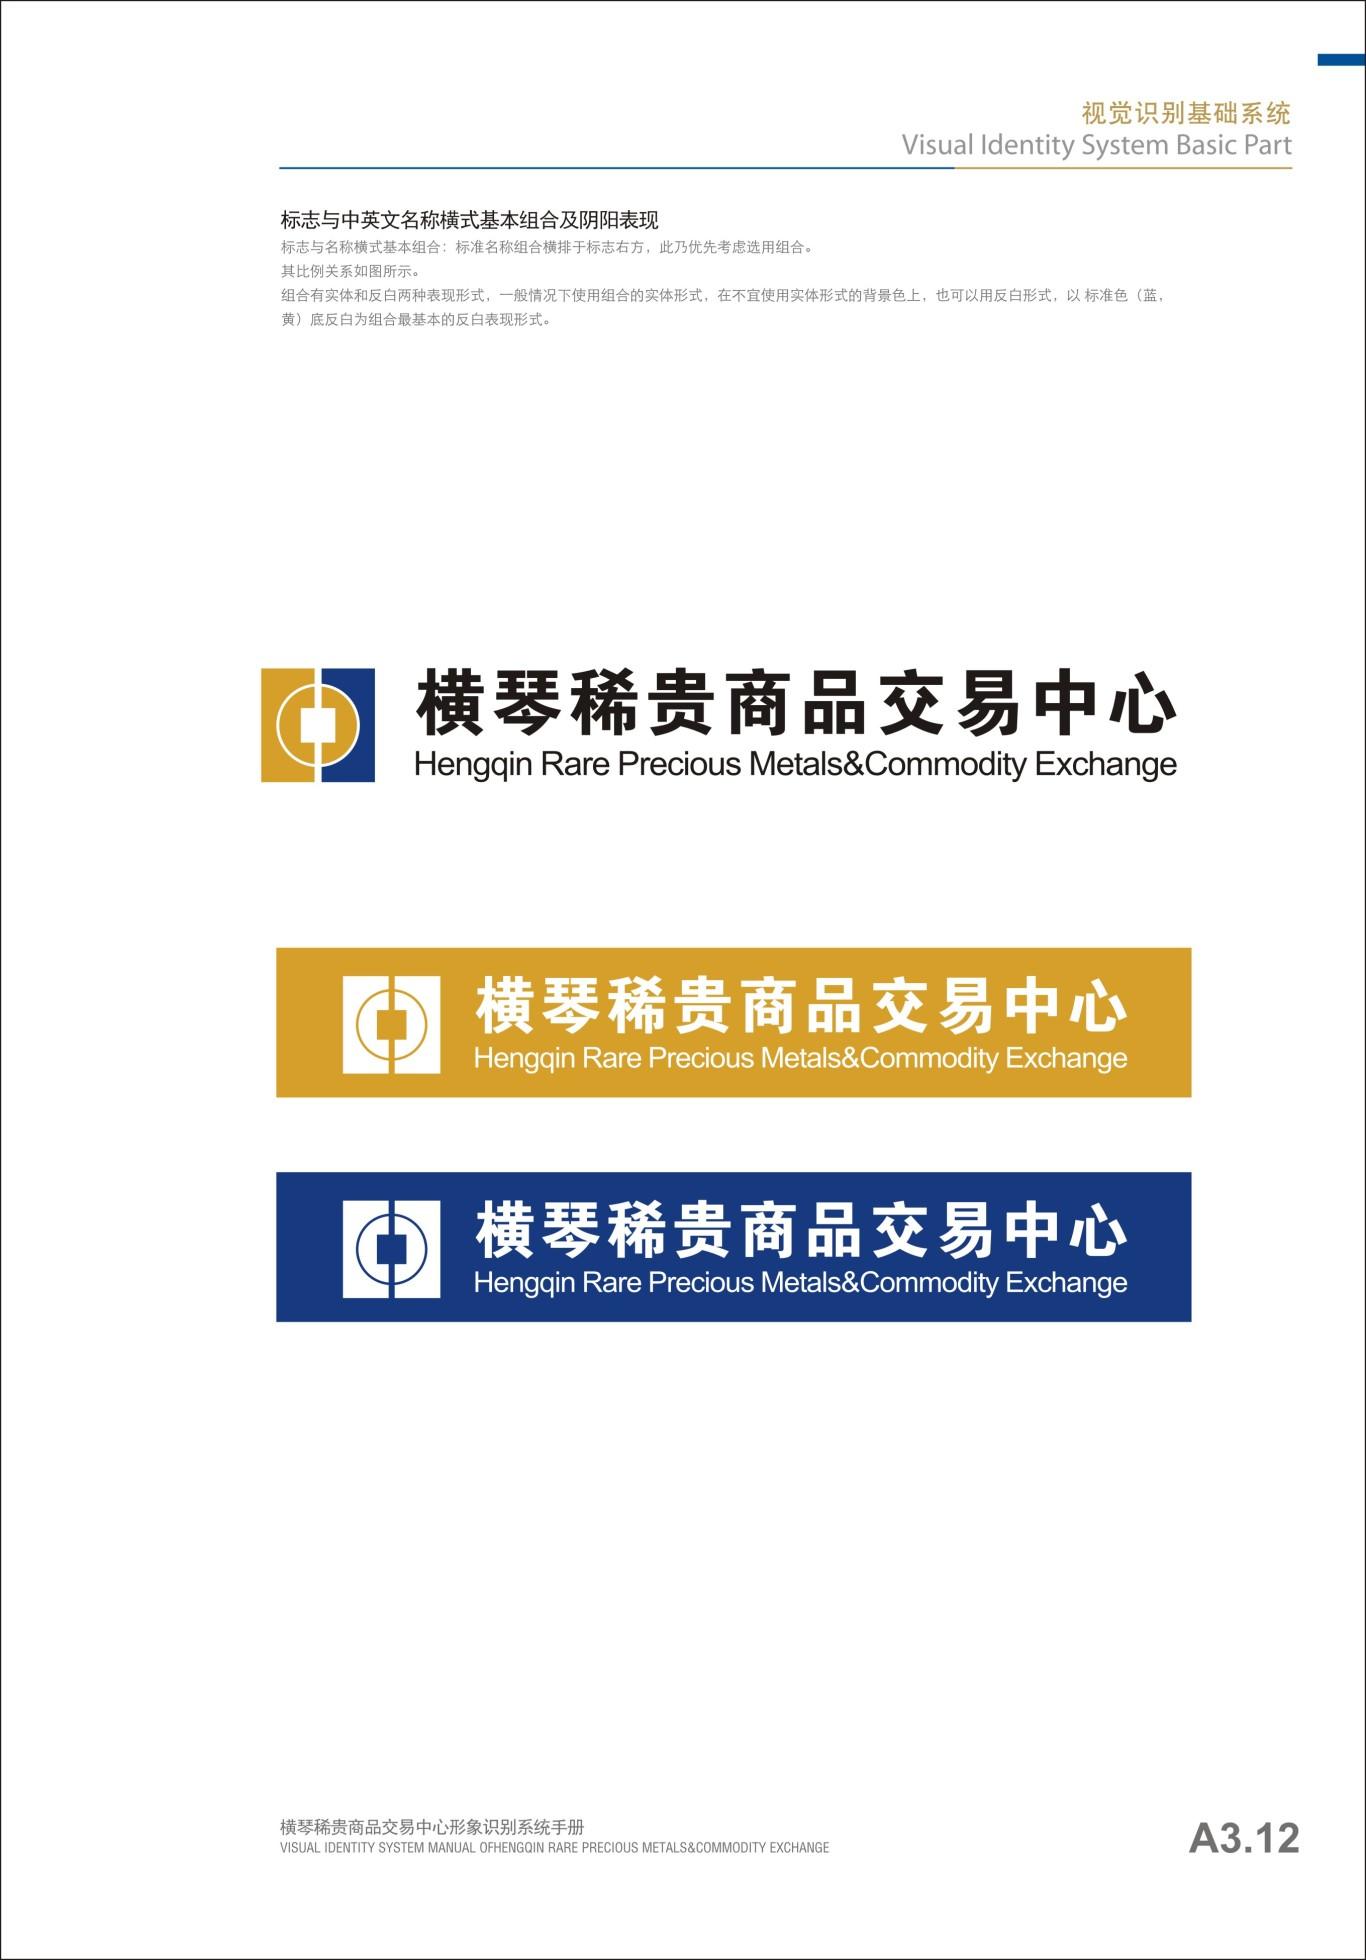 贵金属行业横琴稀贵VI手册设计图8